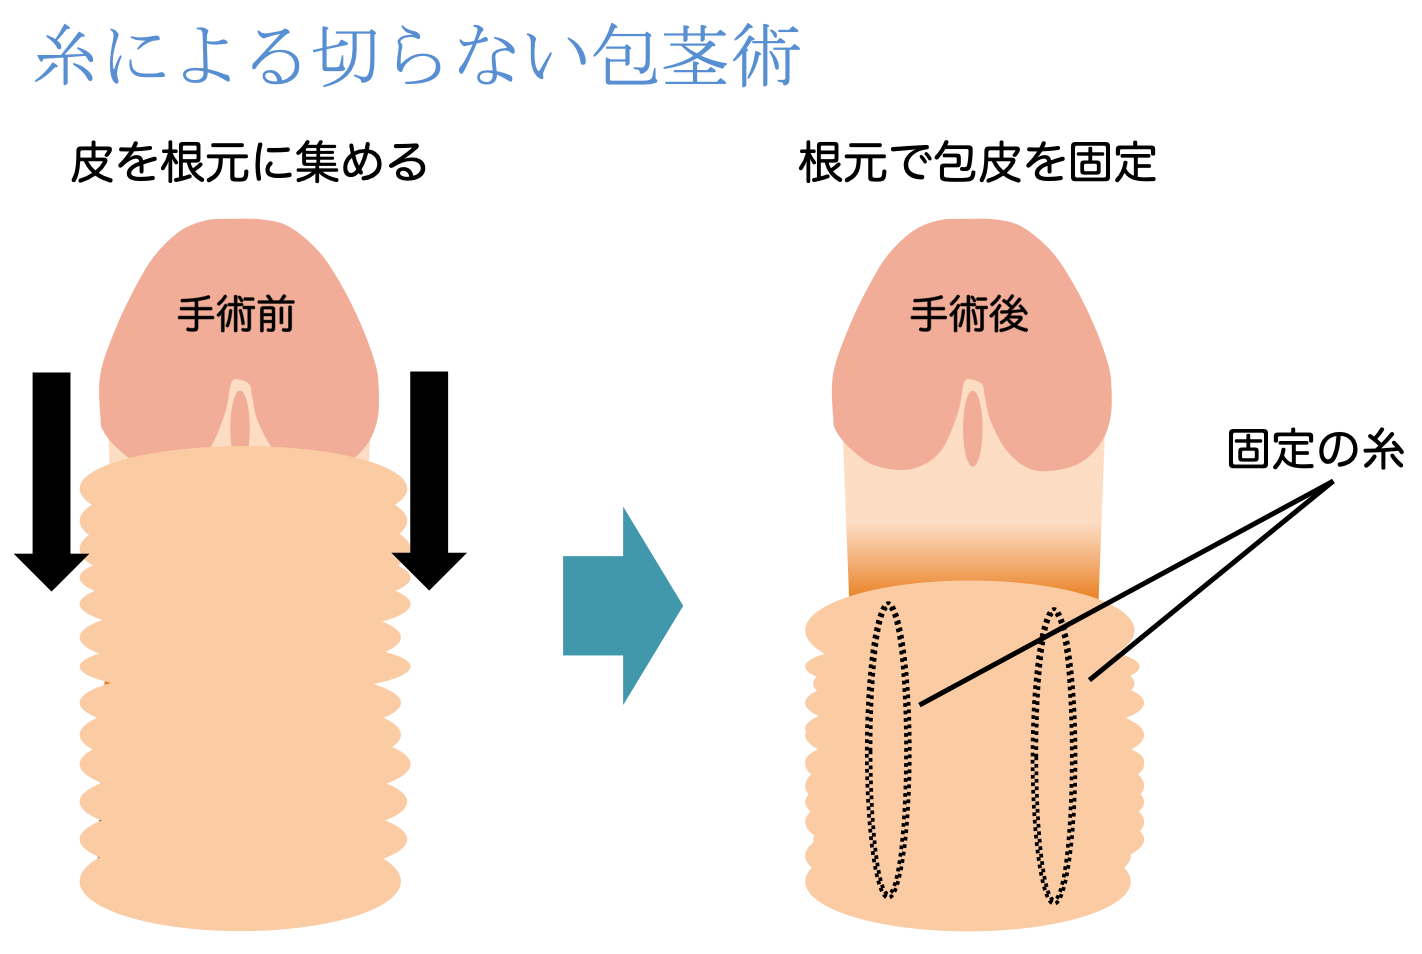 糸による切らない包茎術説明イラスト